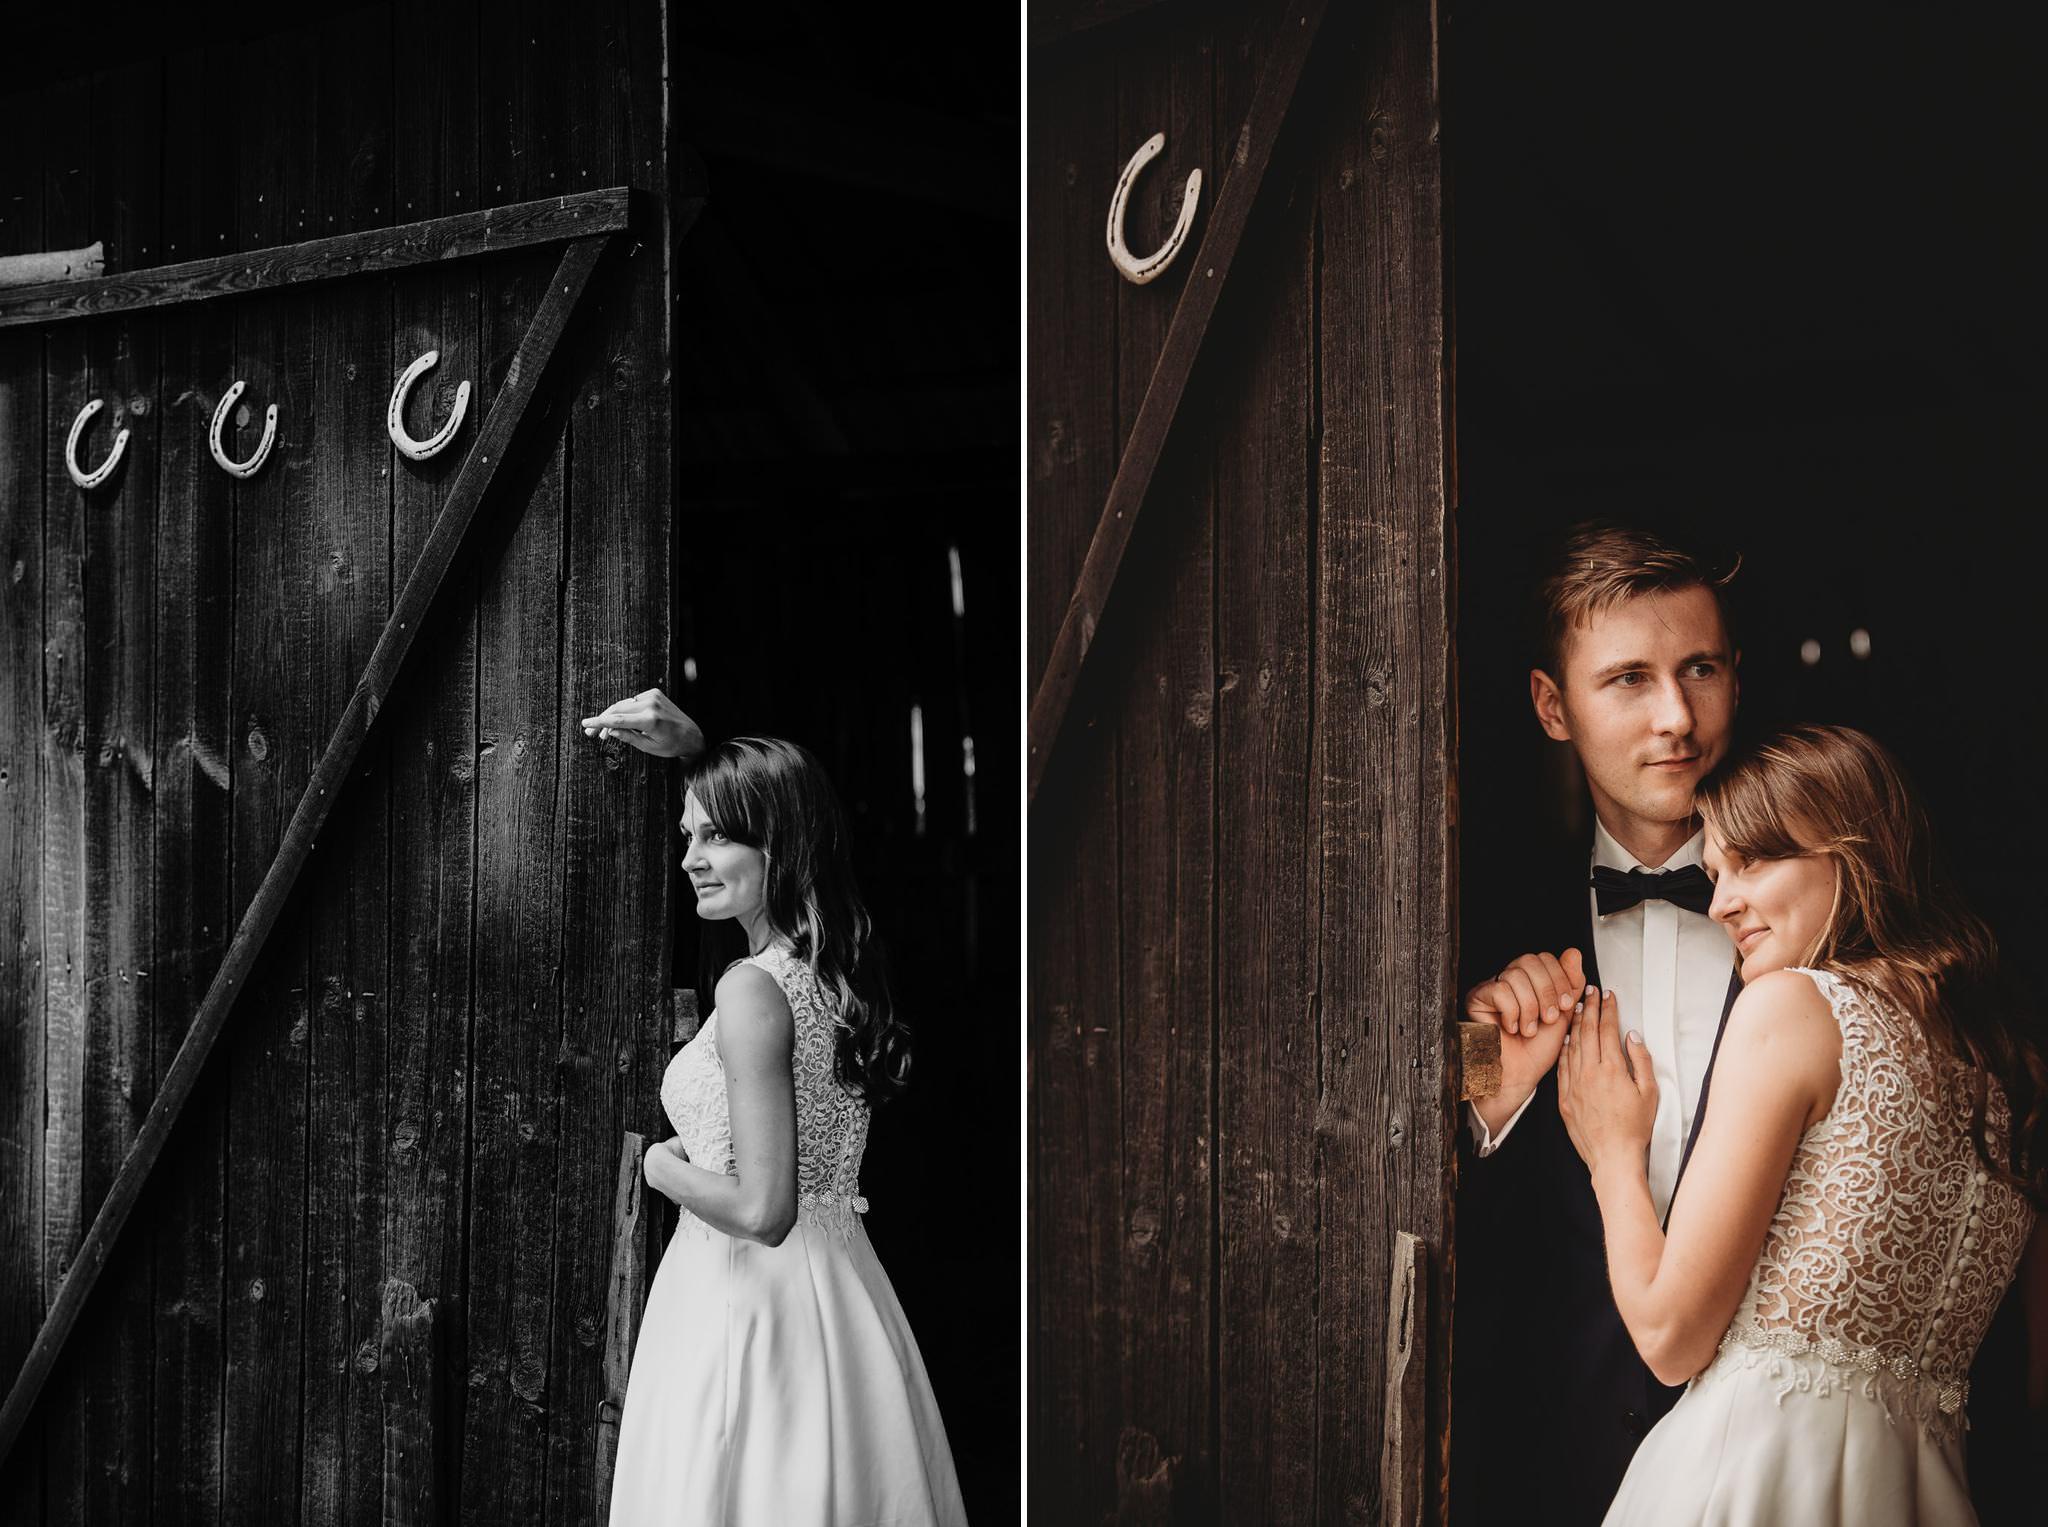 Monika i Michał, wesele w Paryżu i sesja plenerowa w stadninie koni w Czołowie 360